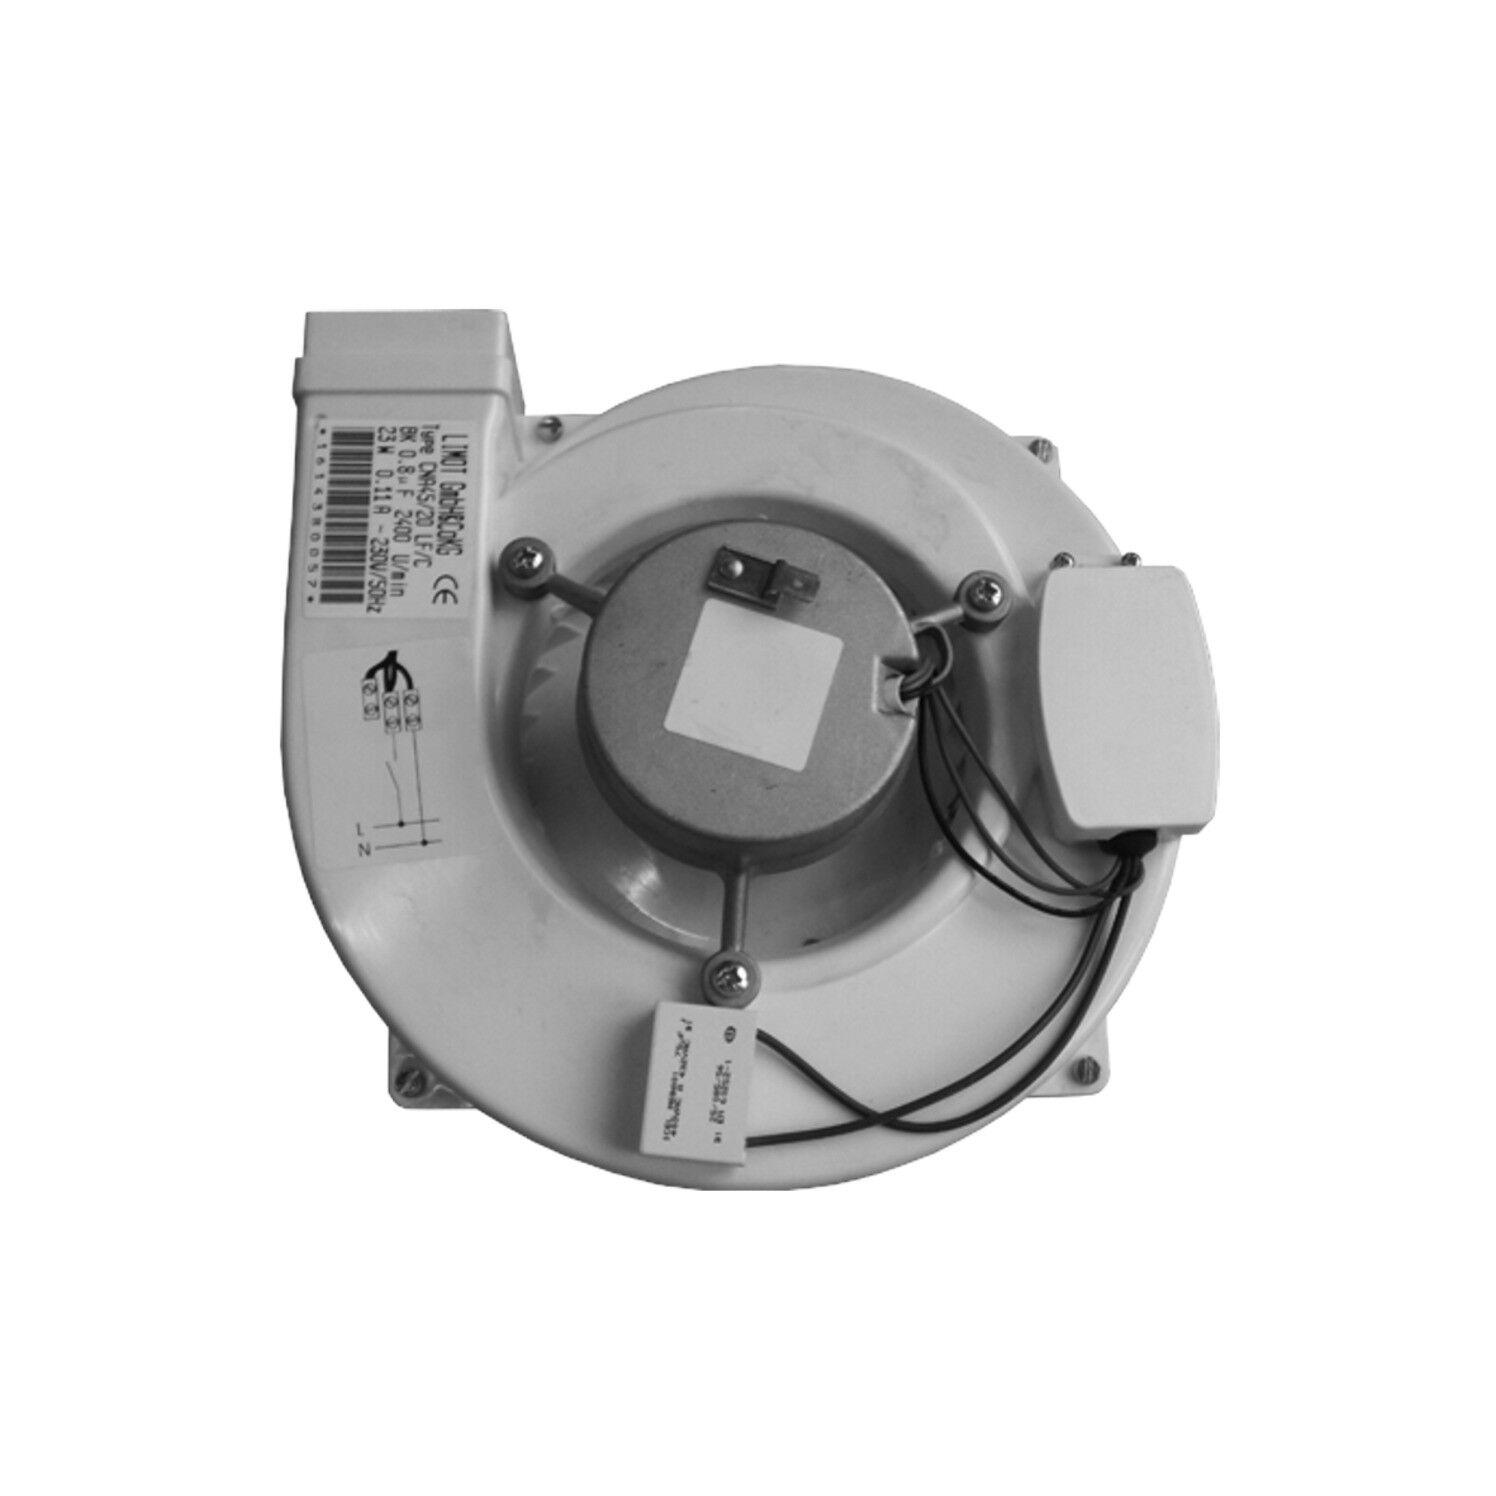 Limodor F Typ C Ersatz-Gebläse, Original-Ersatzteil, Ventilatoreinsatz F C       Online    Preiszugeständnisse    Haltbarer Service